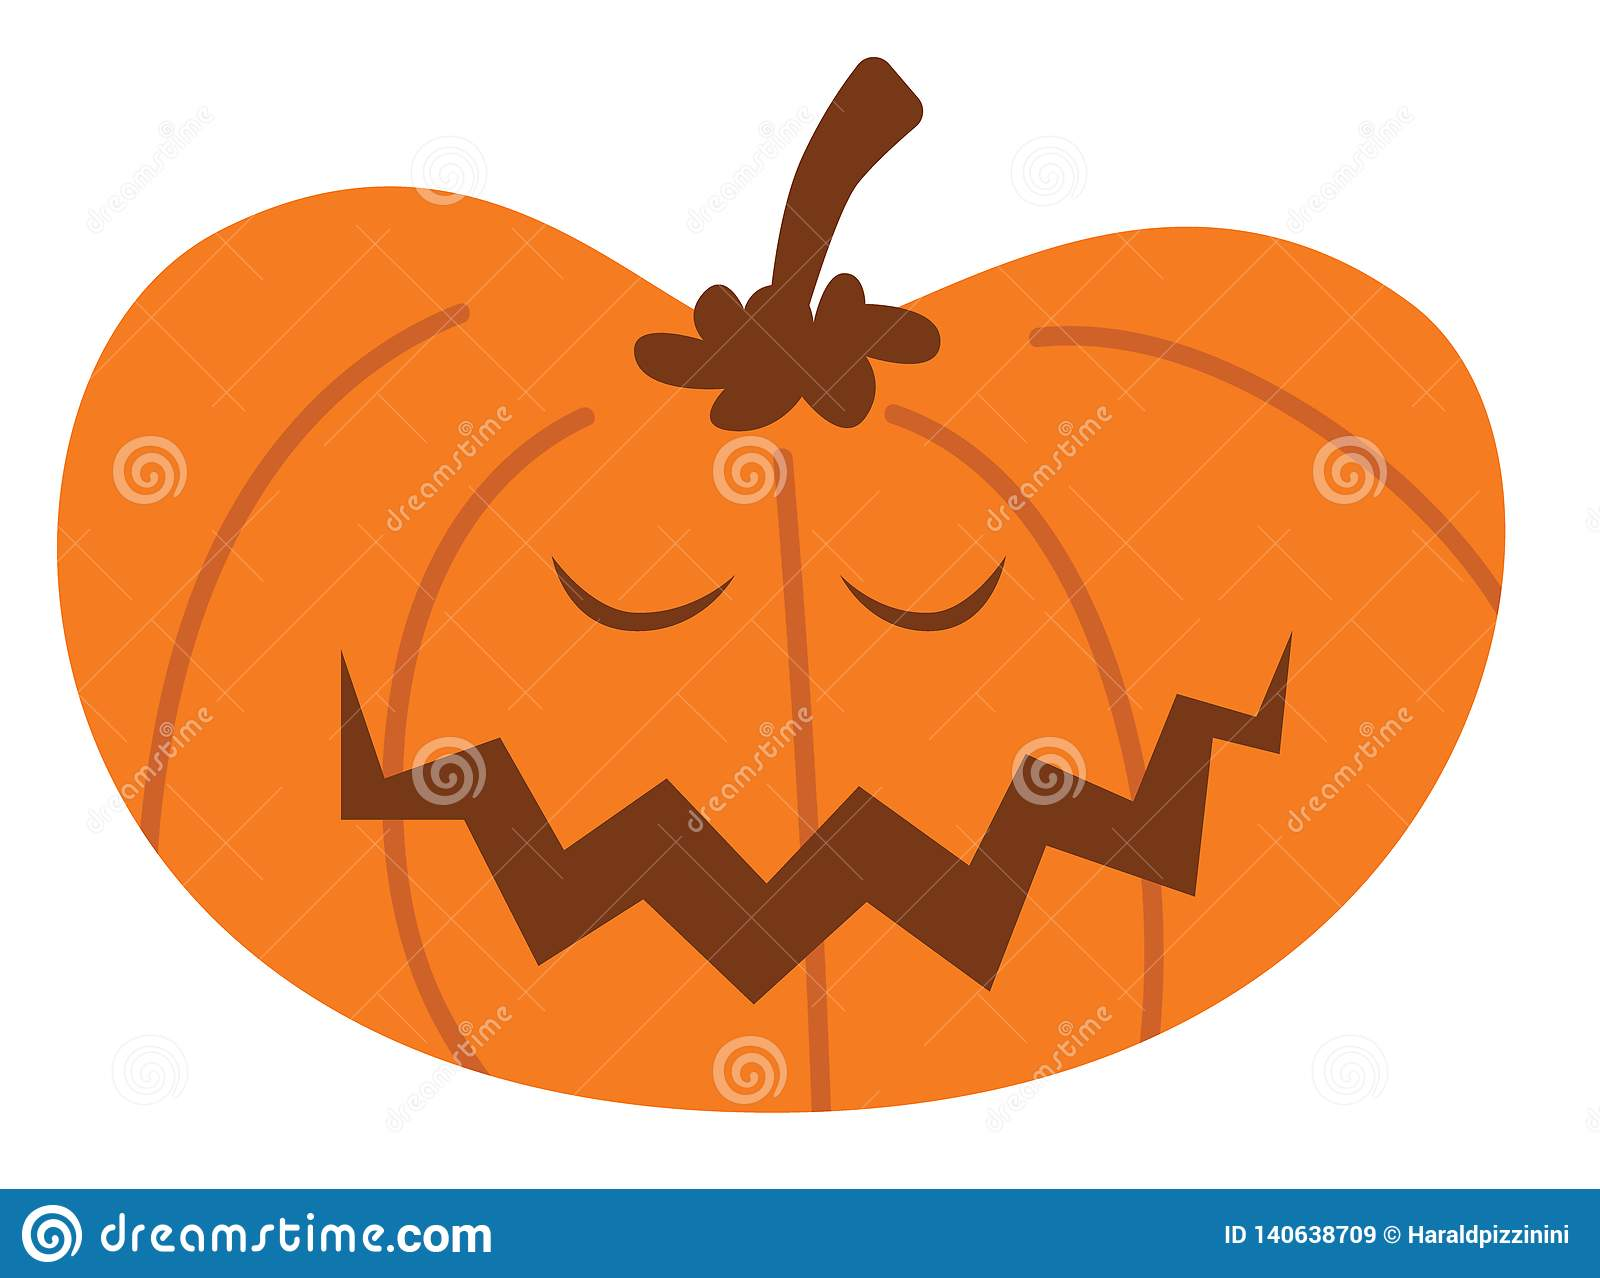 Kreskówki Halloween bania z szczęśliwym wyrażeniem